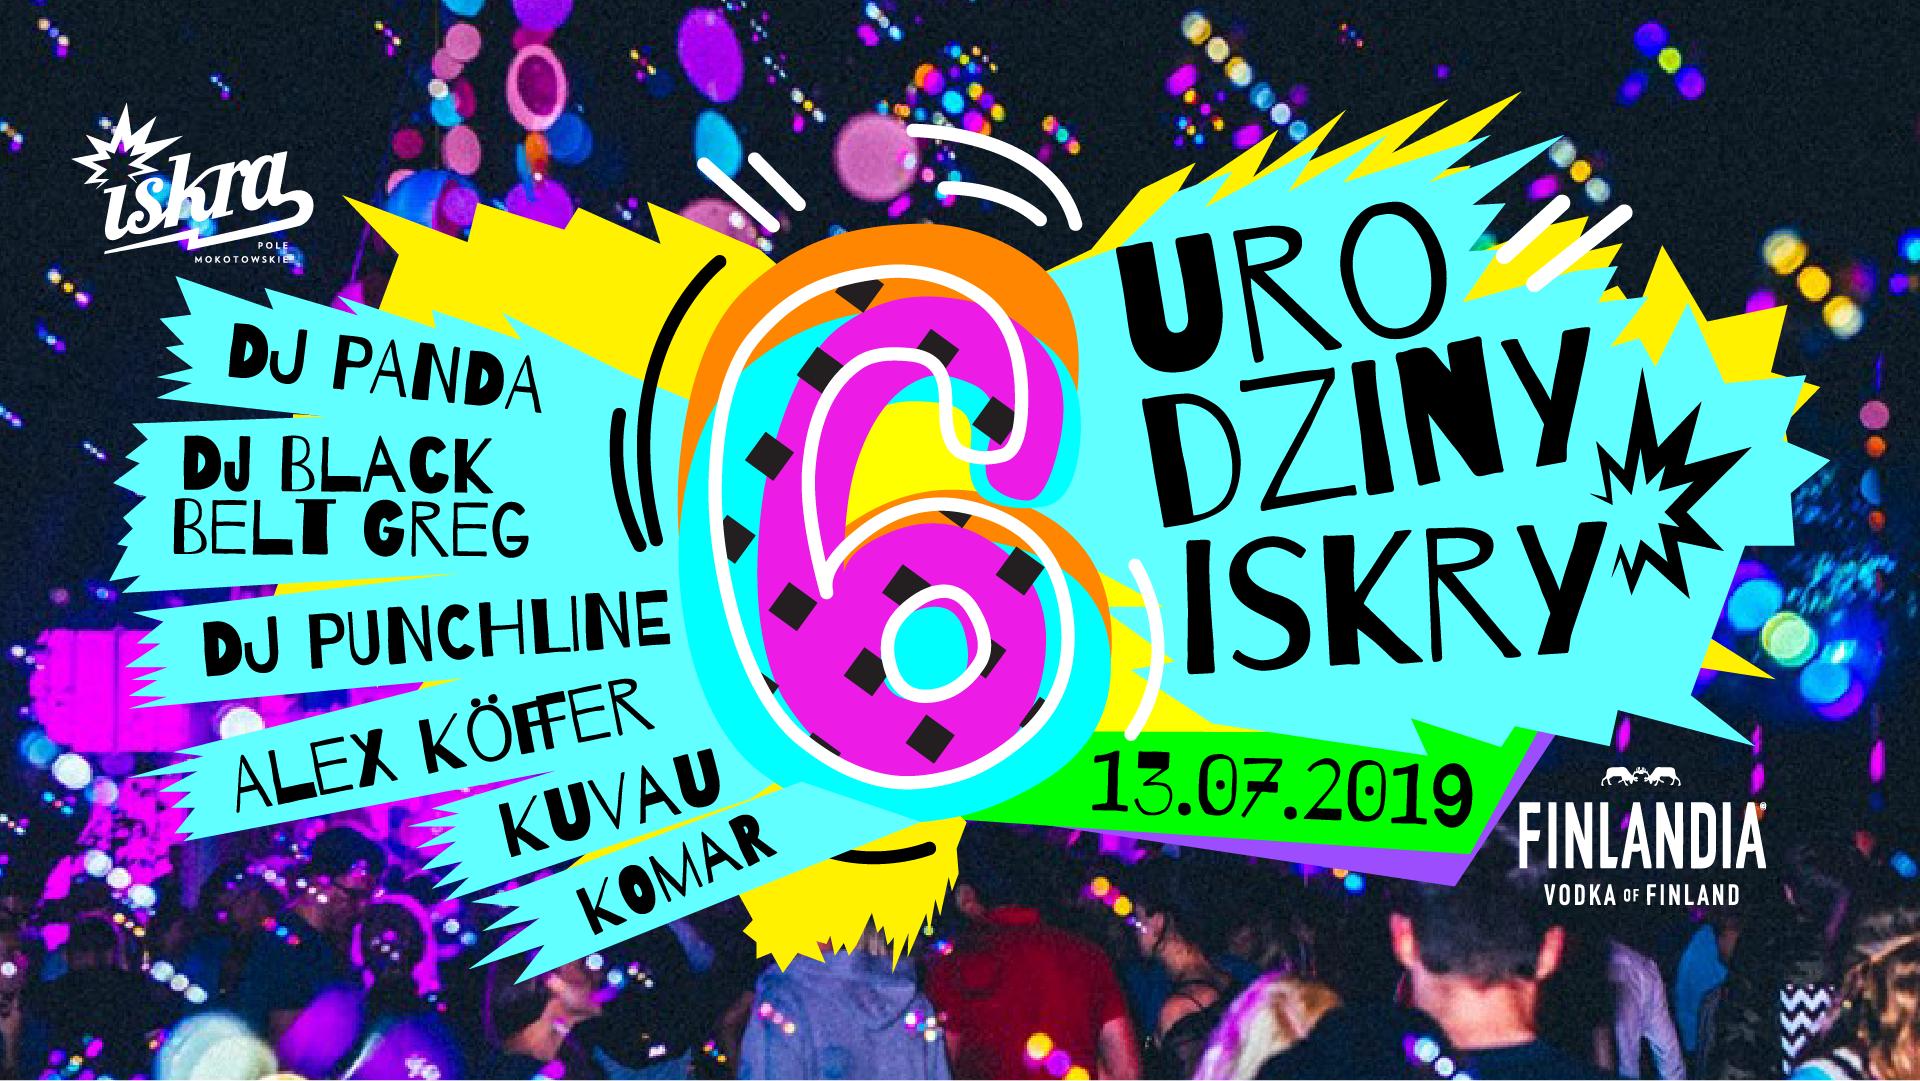 Plakat promujący 6 urodziny klubu Iskra